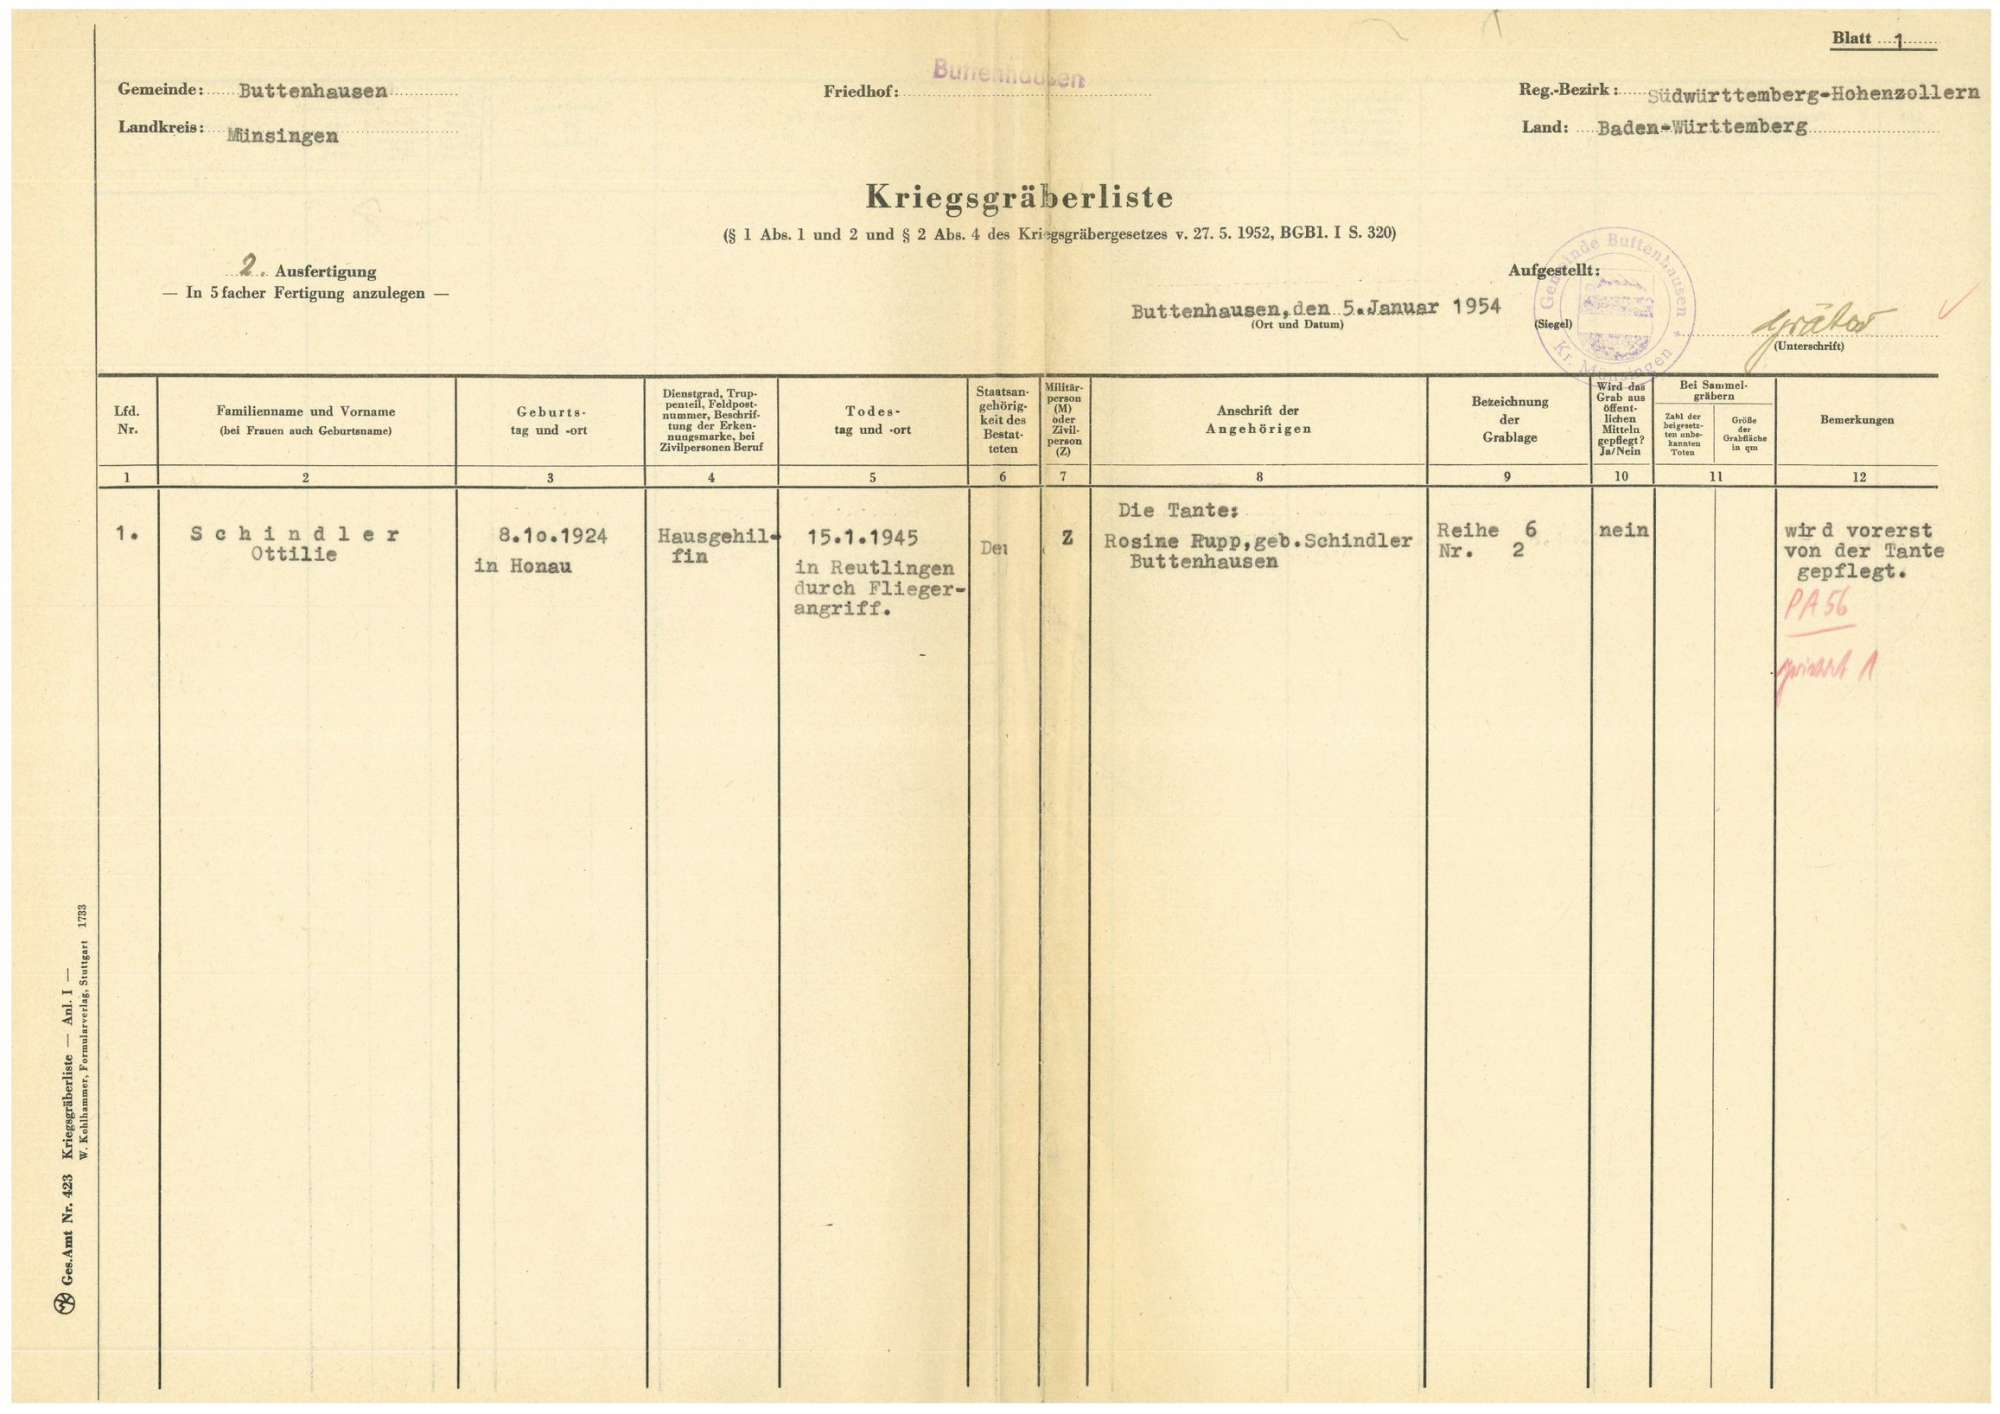 Buttenhausen, Bild 1